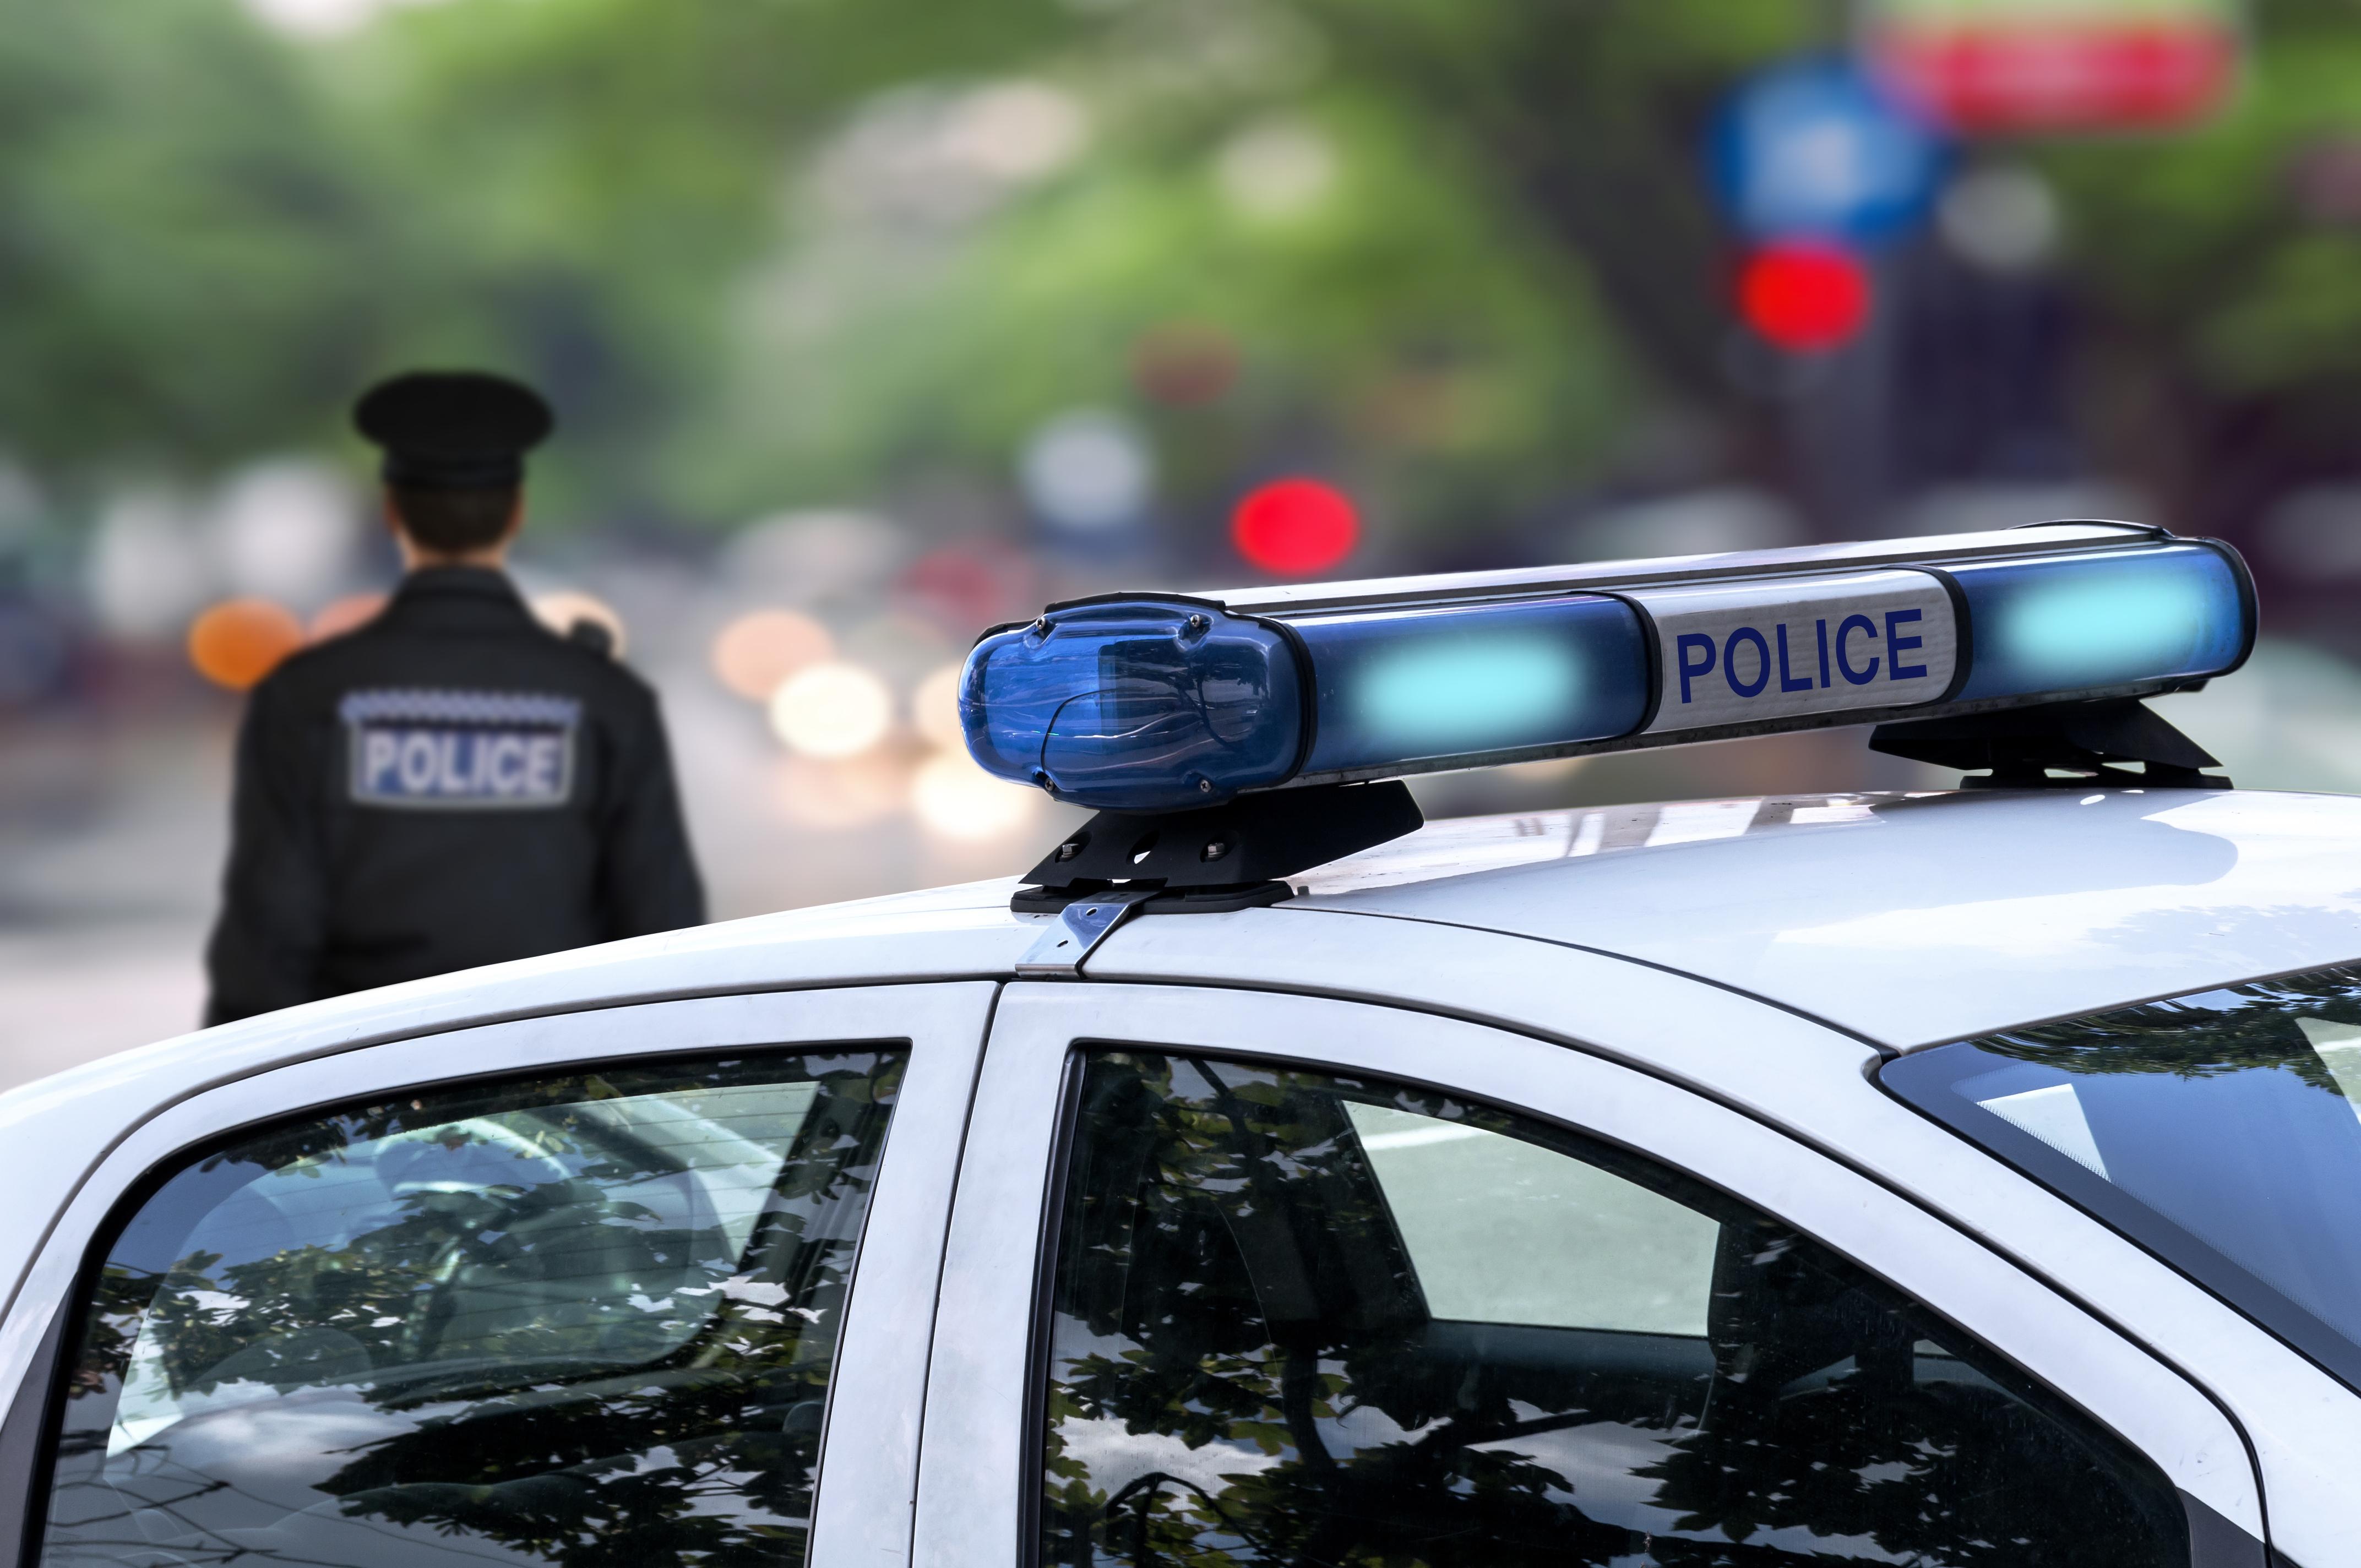 Homem que fugiu de ambulância e roubou carro detido em Espanha